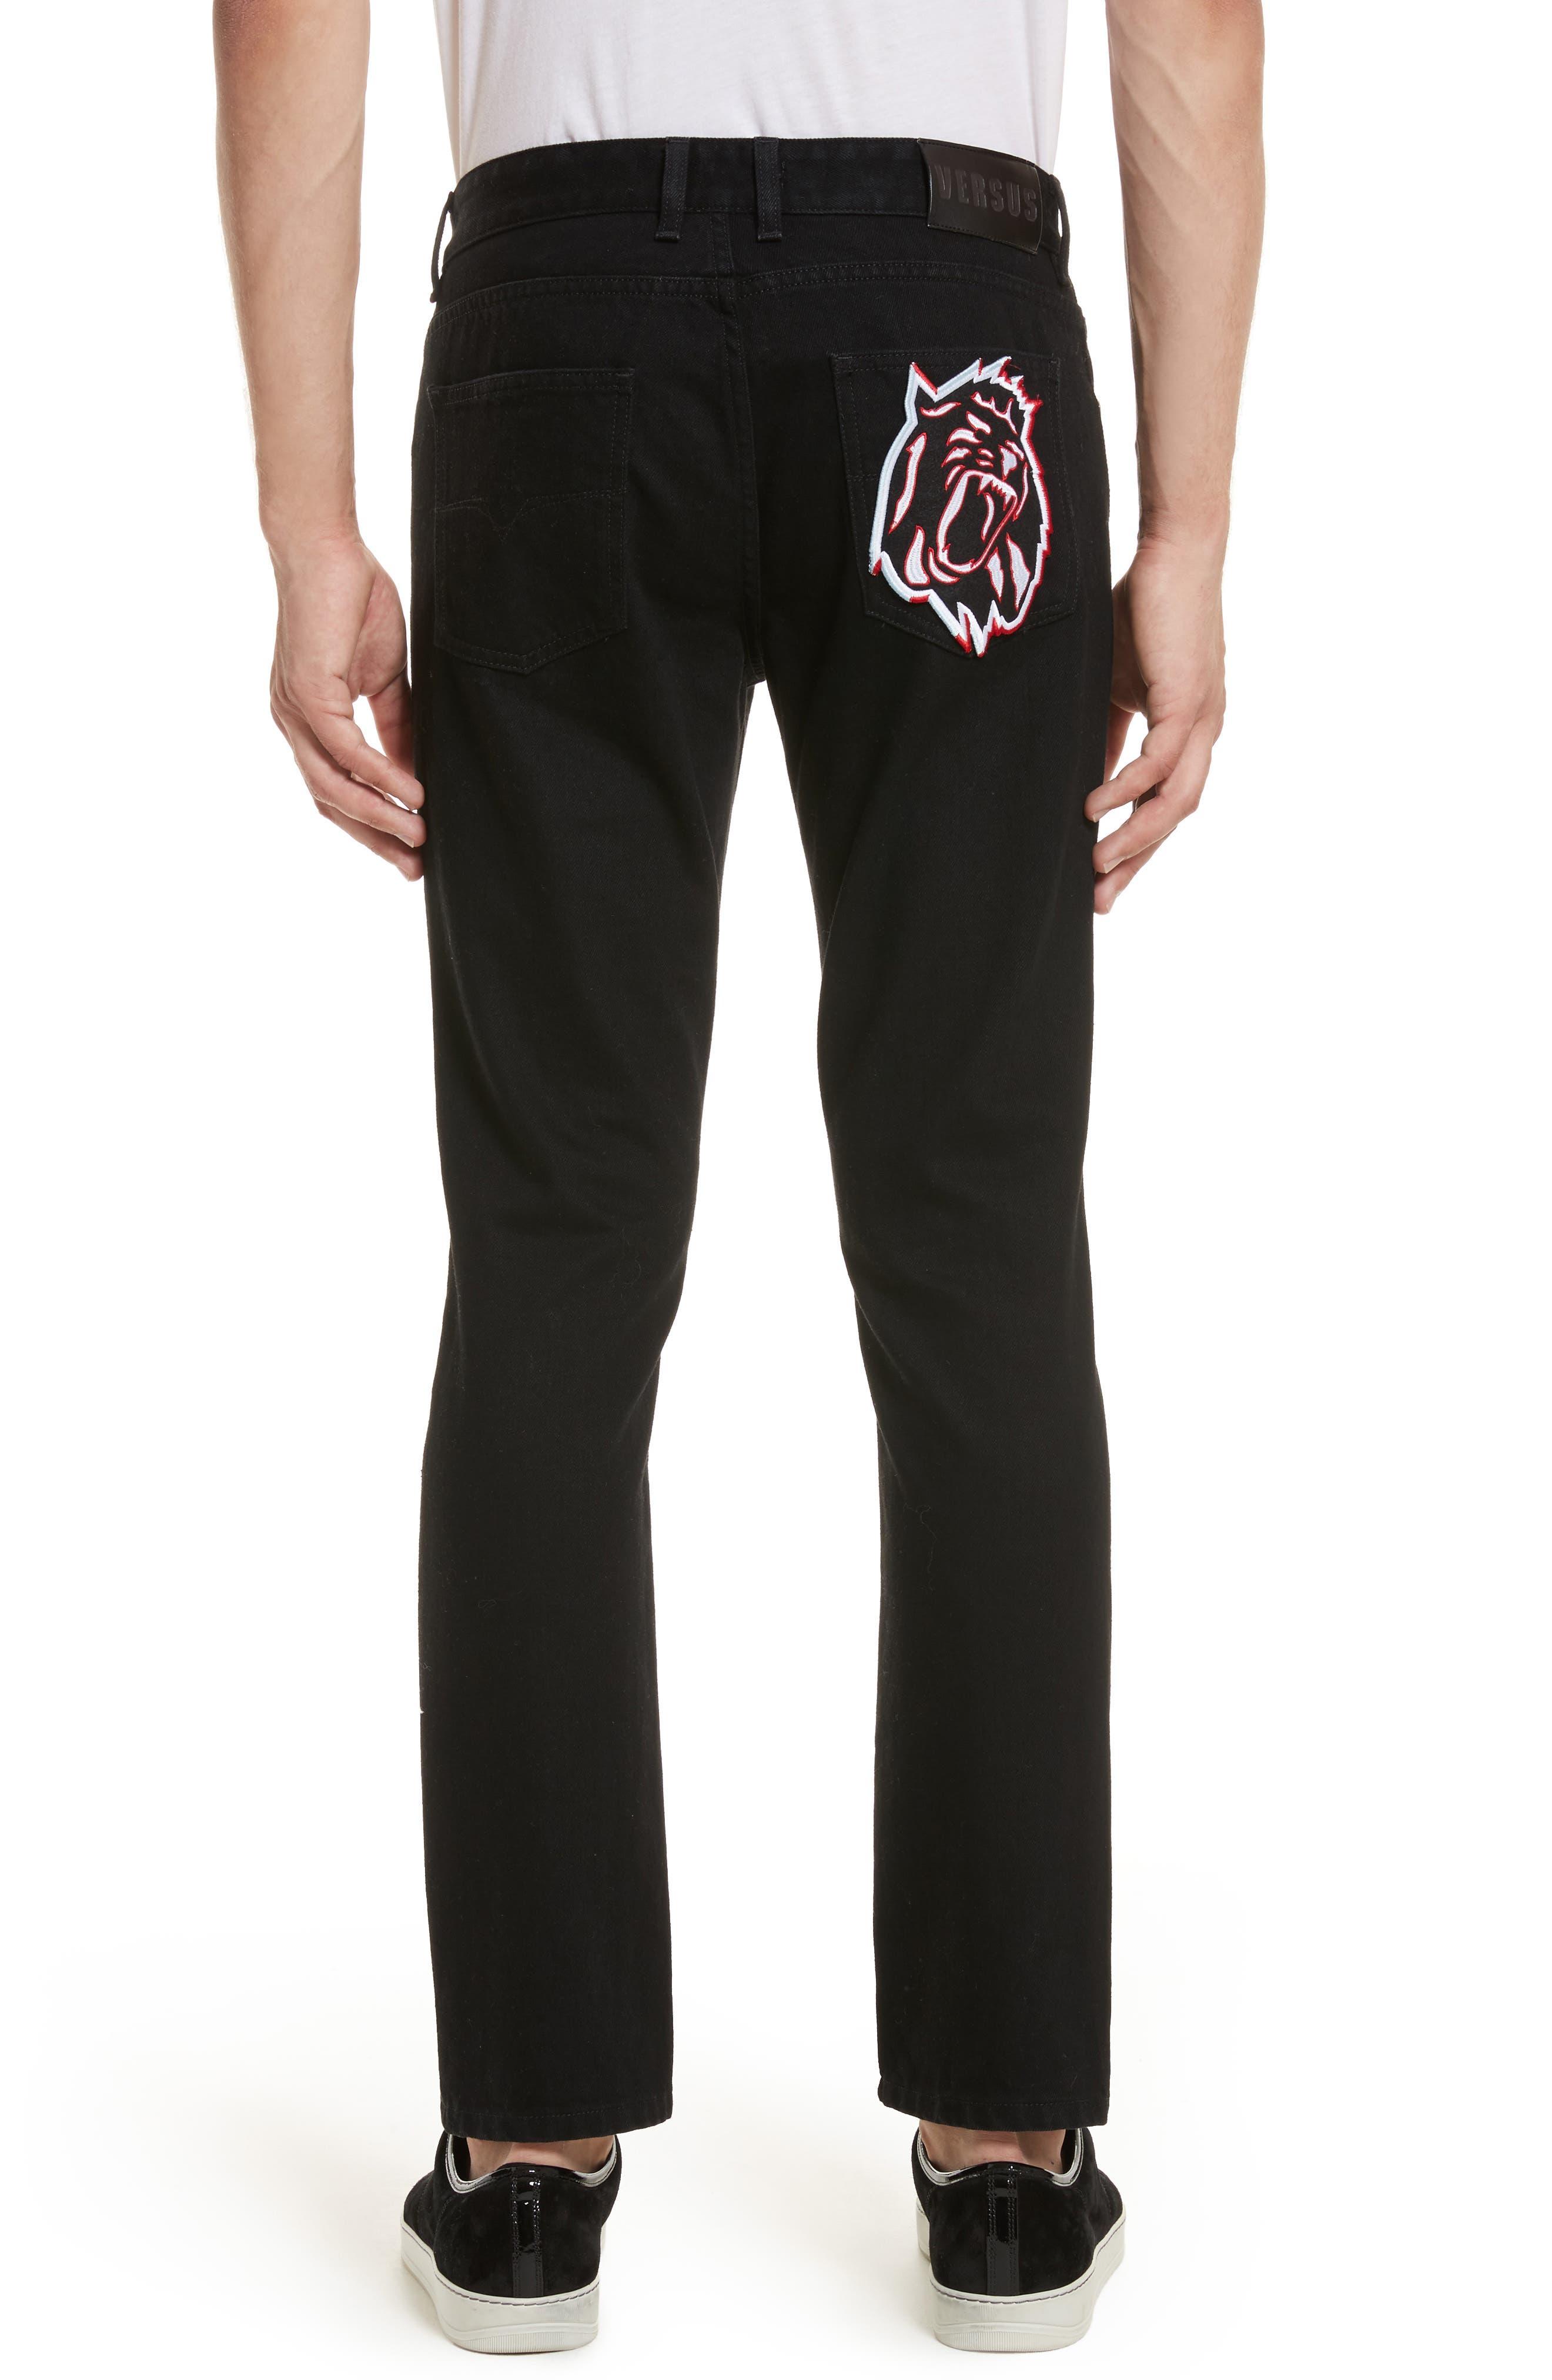 VERSUS by Versace Lion Slim Fit Jeans,                             Alternate thumbnail 2, color,                             Black